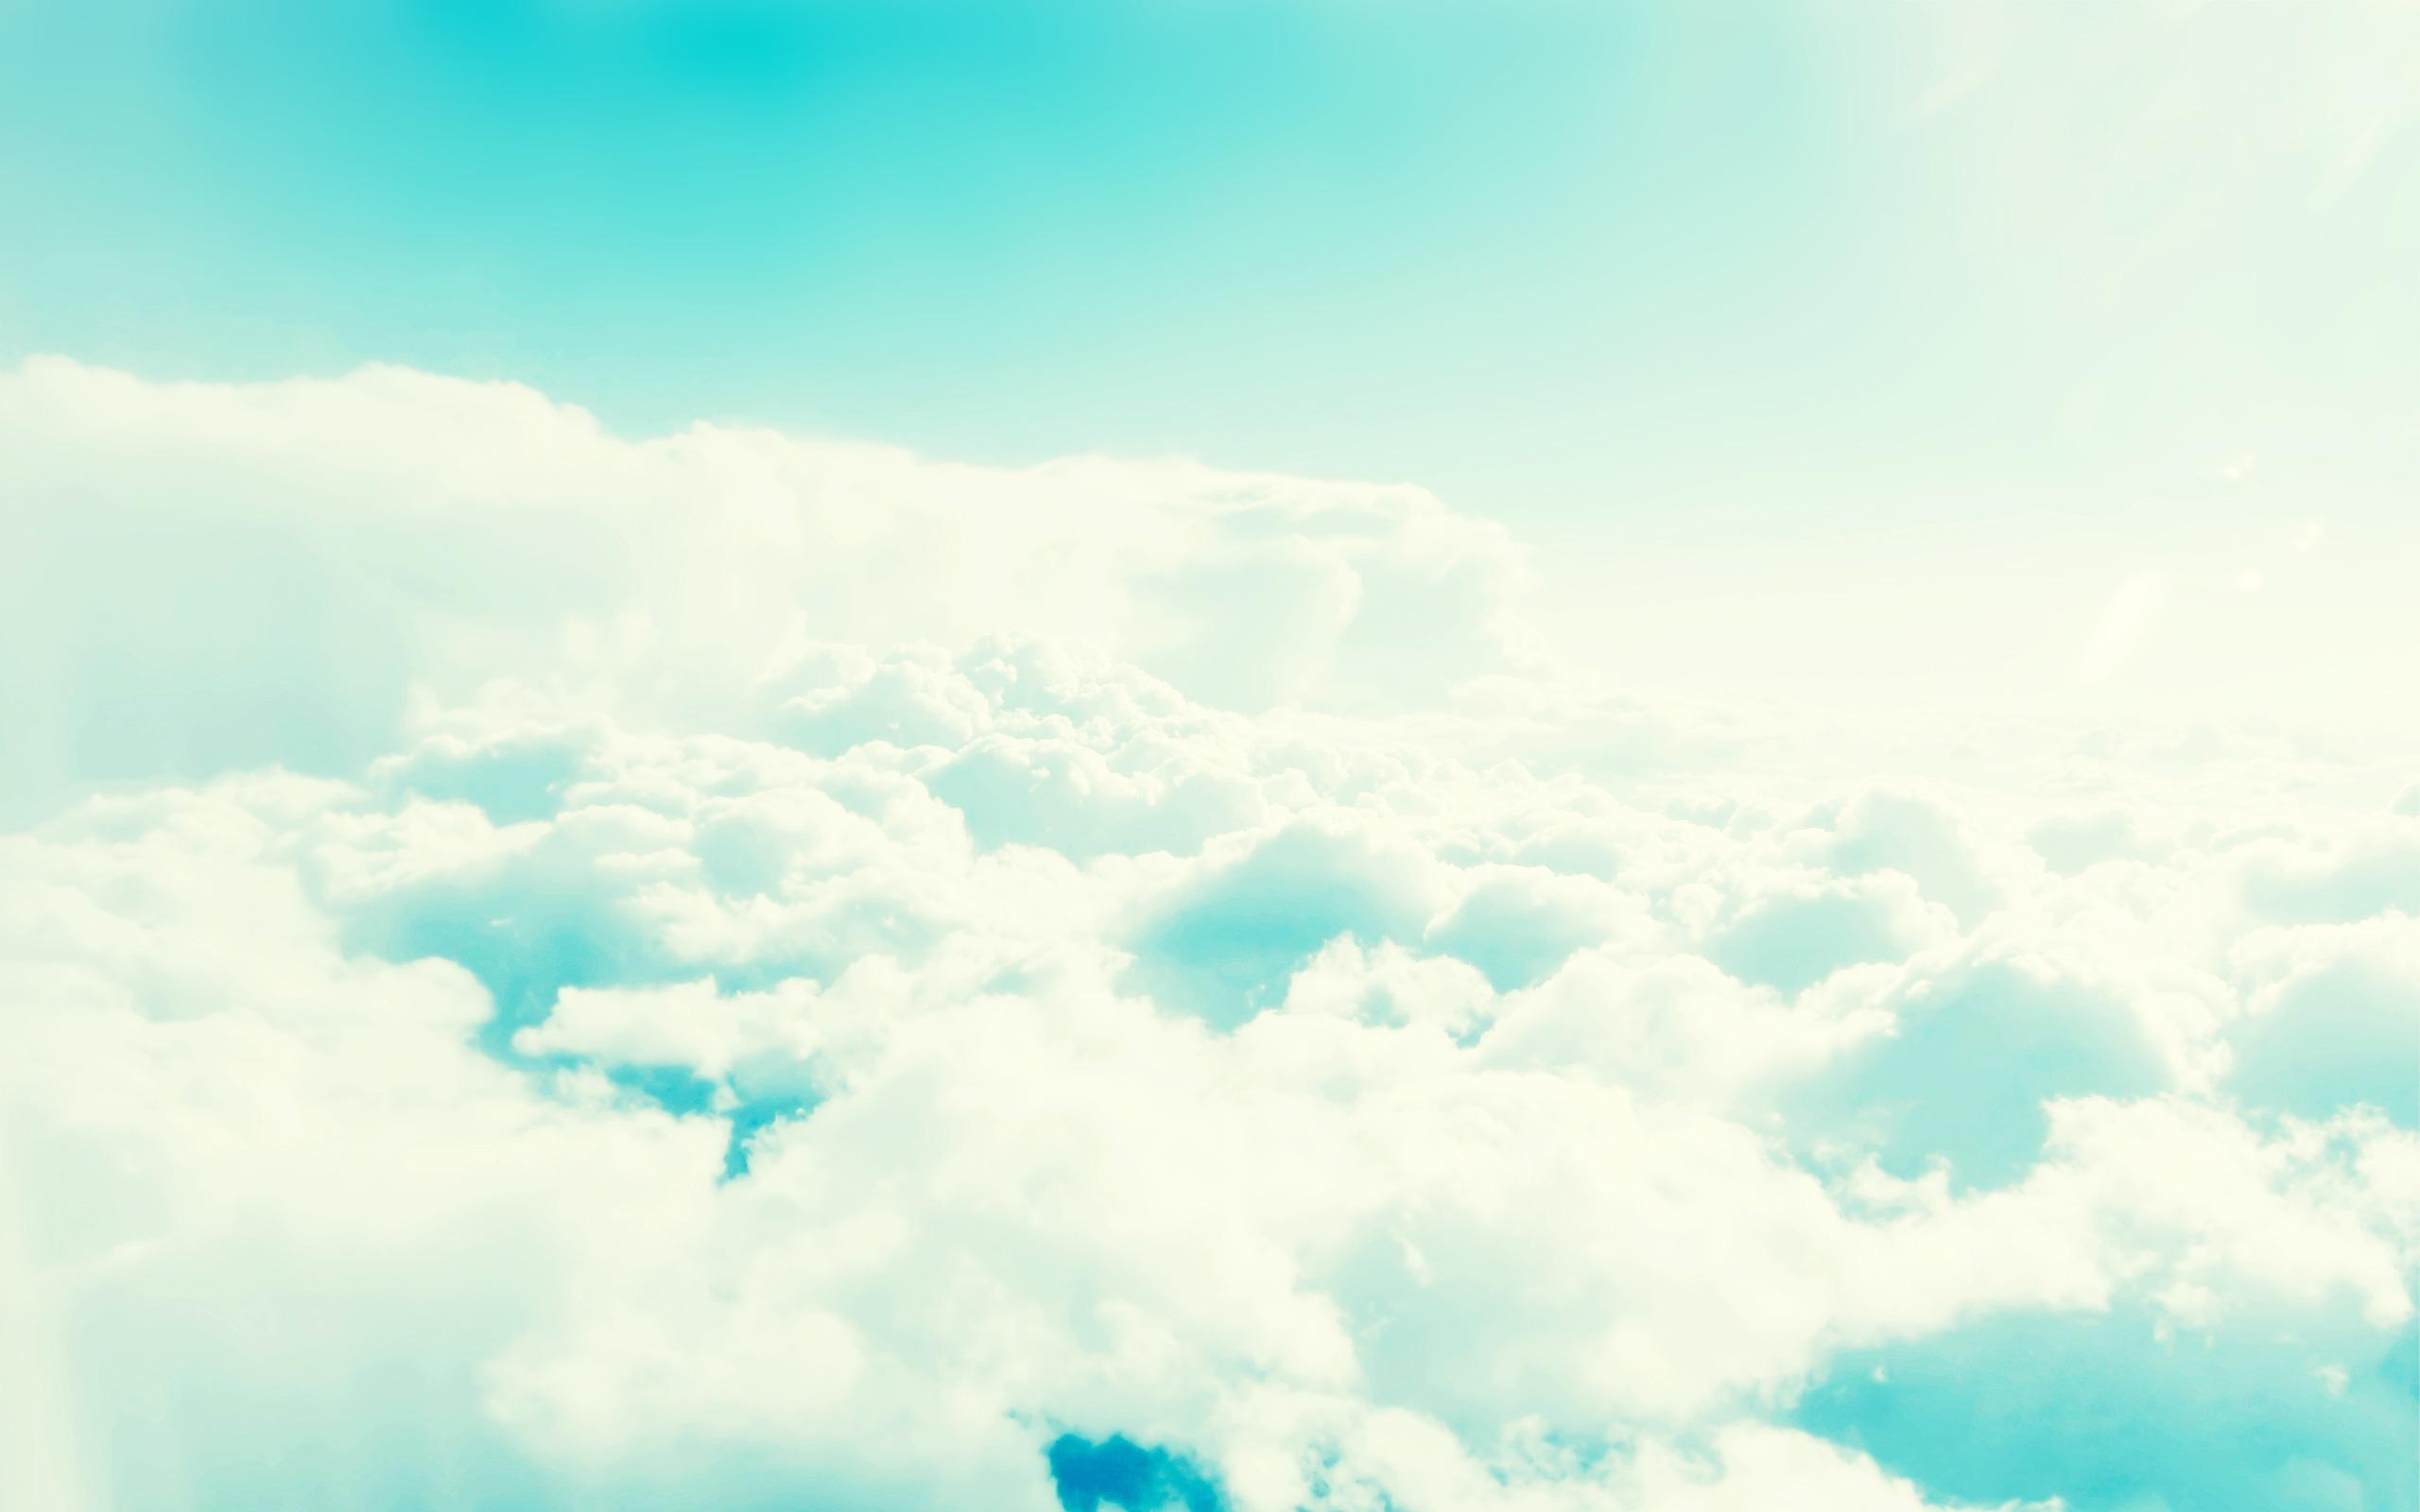 Cloud Computer Wallpapers Desktop Backgrounds 2560x1600 ID189851 2560x1600